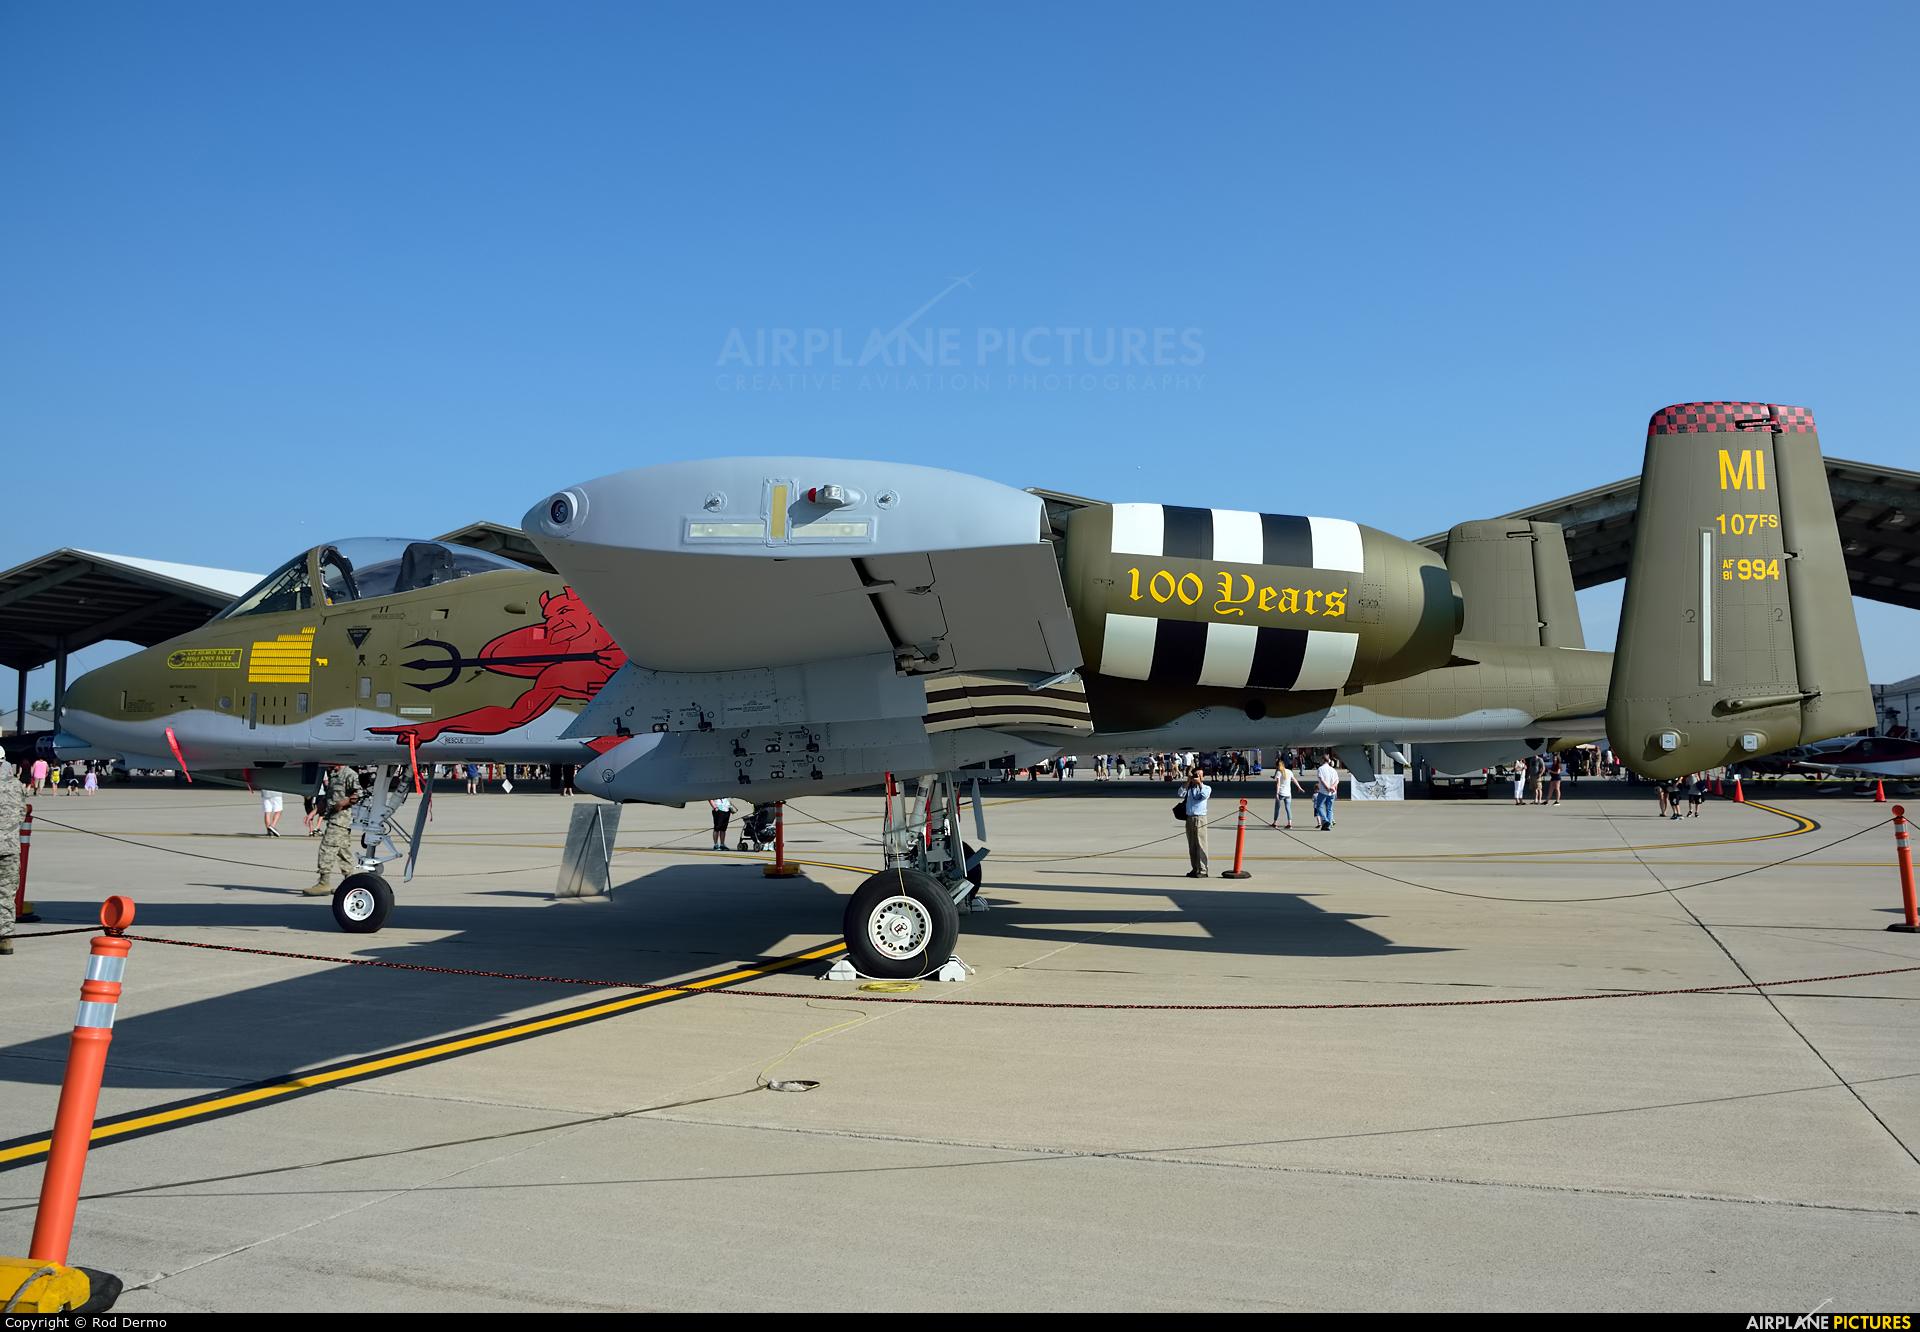 USA - Air Force 81-0994 aircraft at Selfridge ANGB